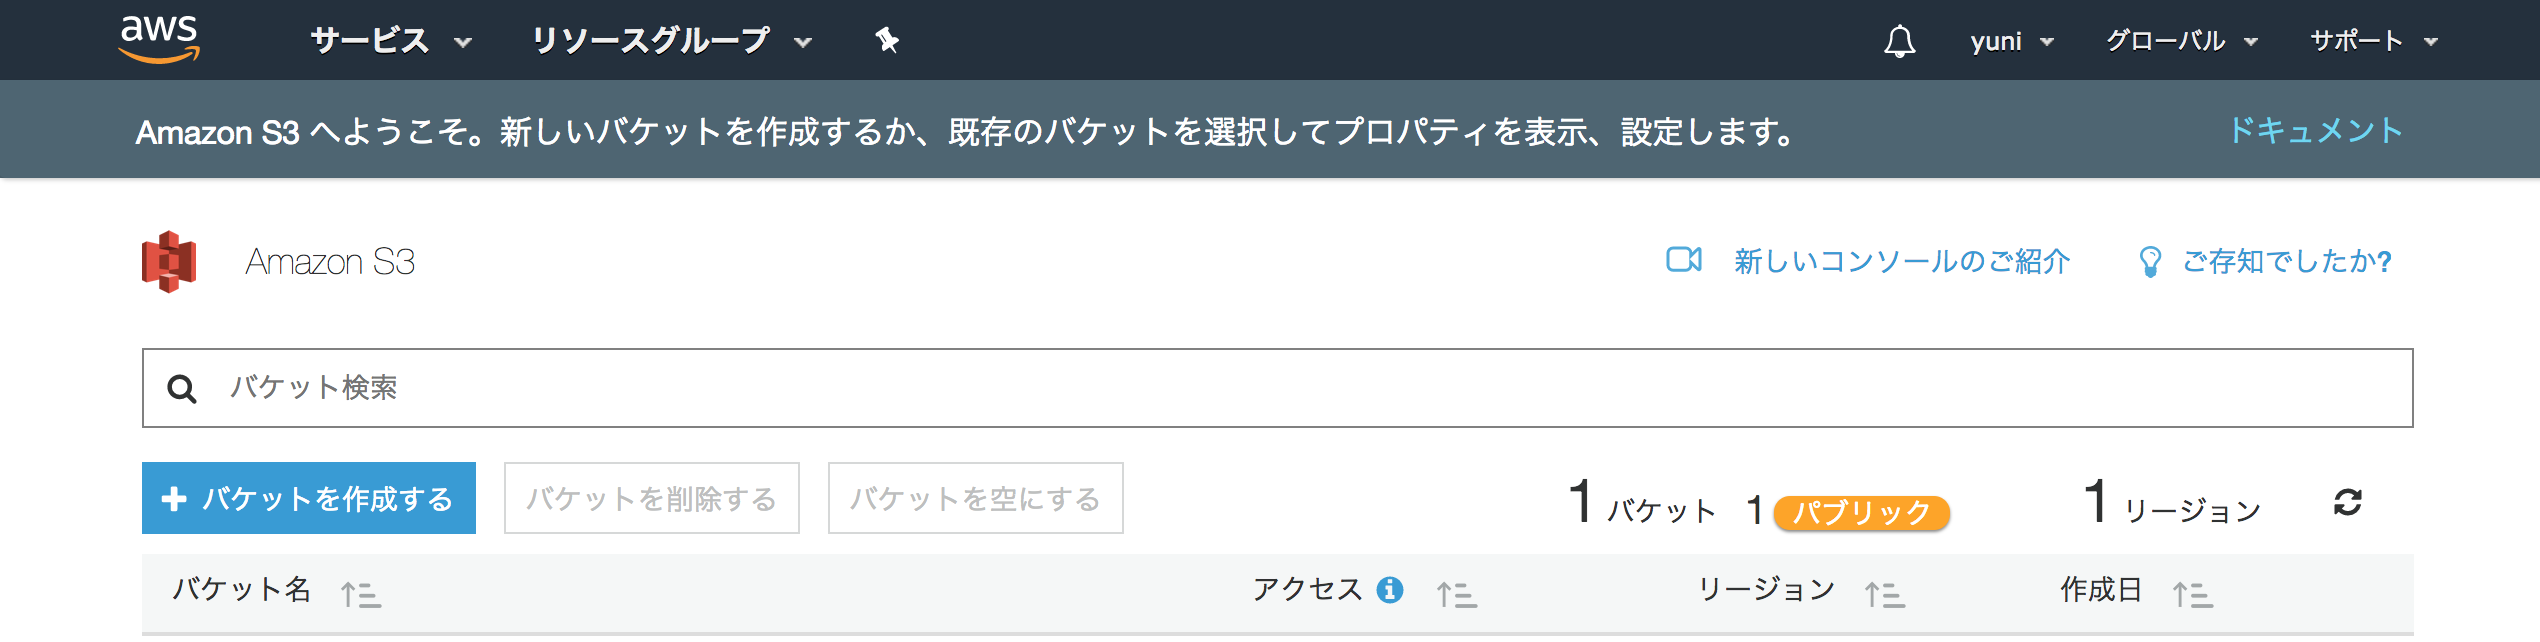 スクリーンショット 2018-04-08 16.18.37.png